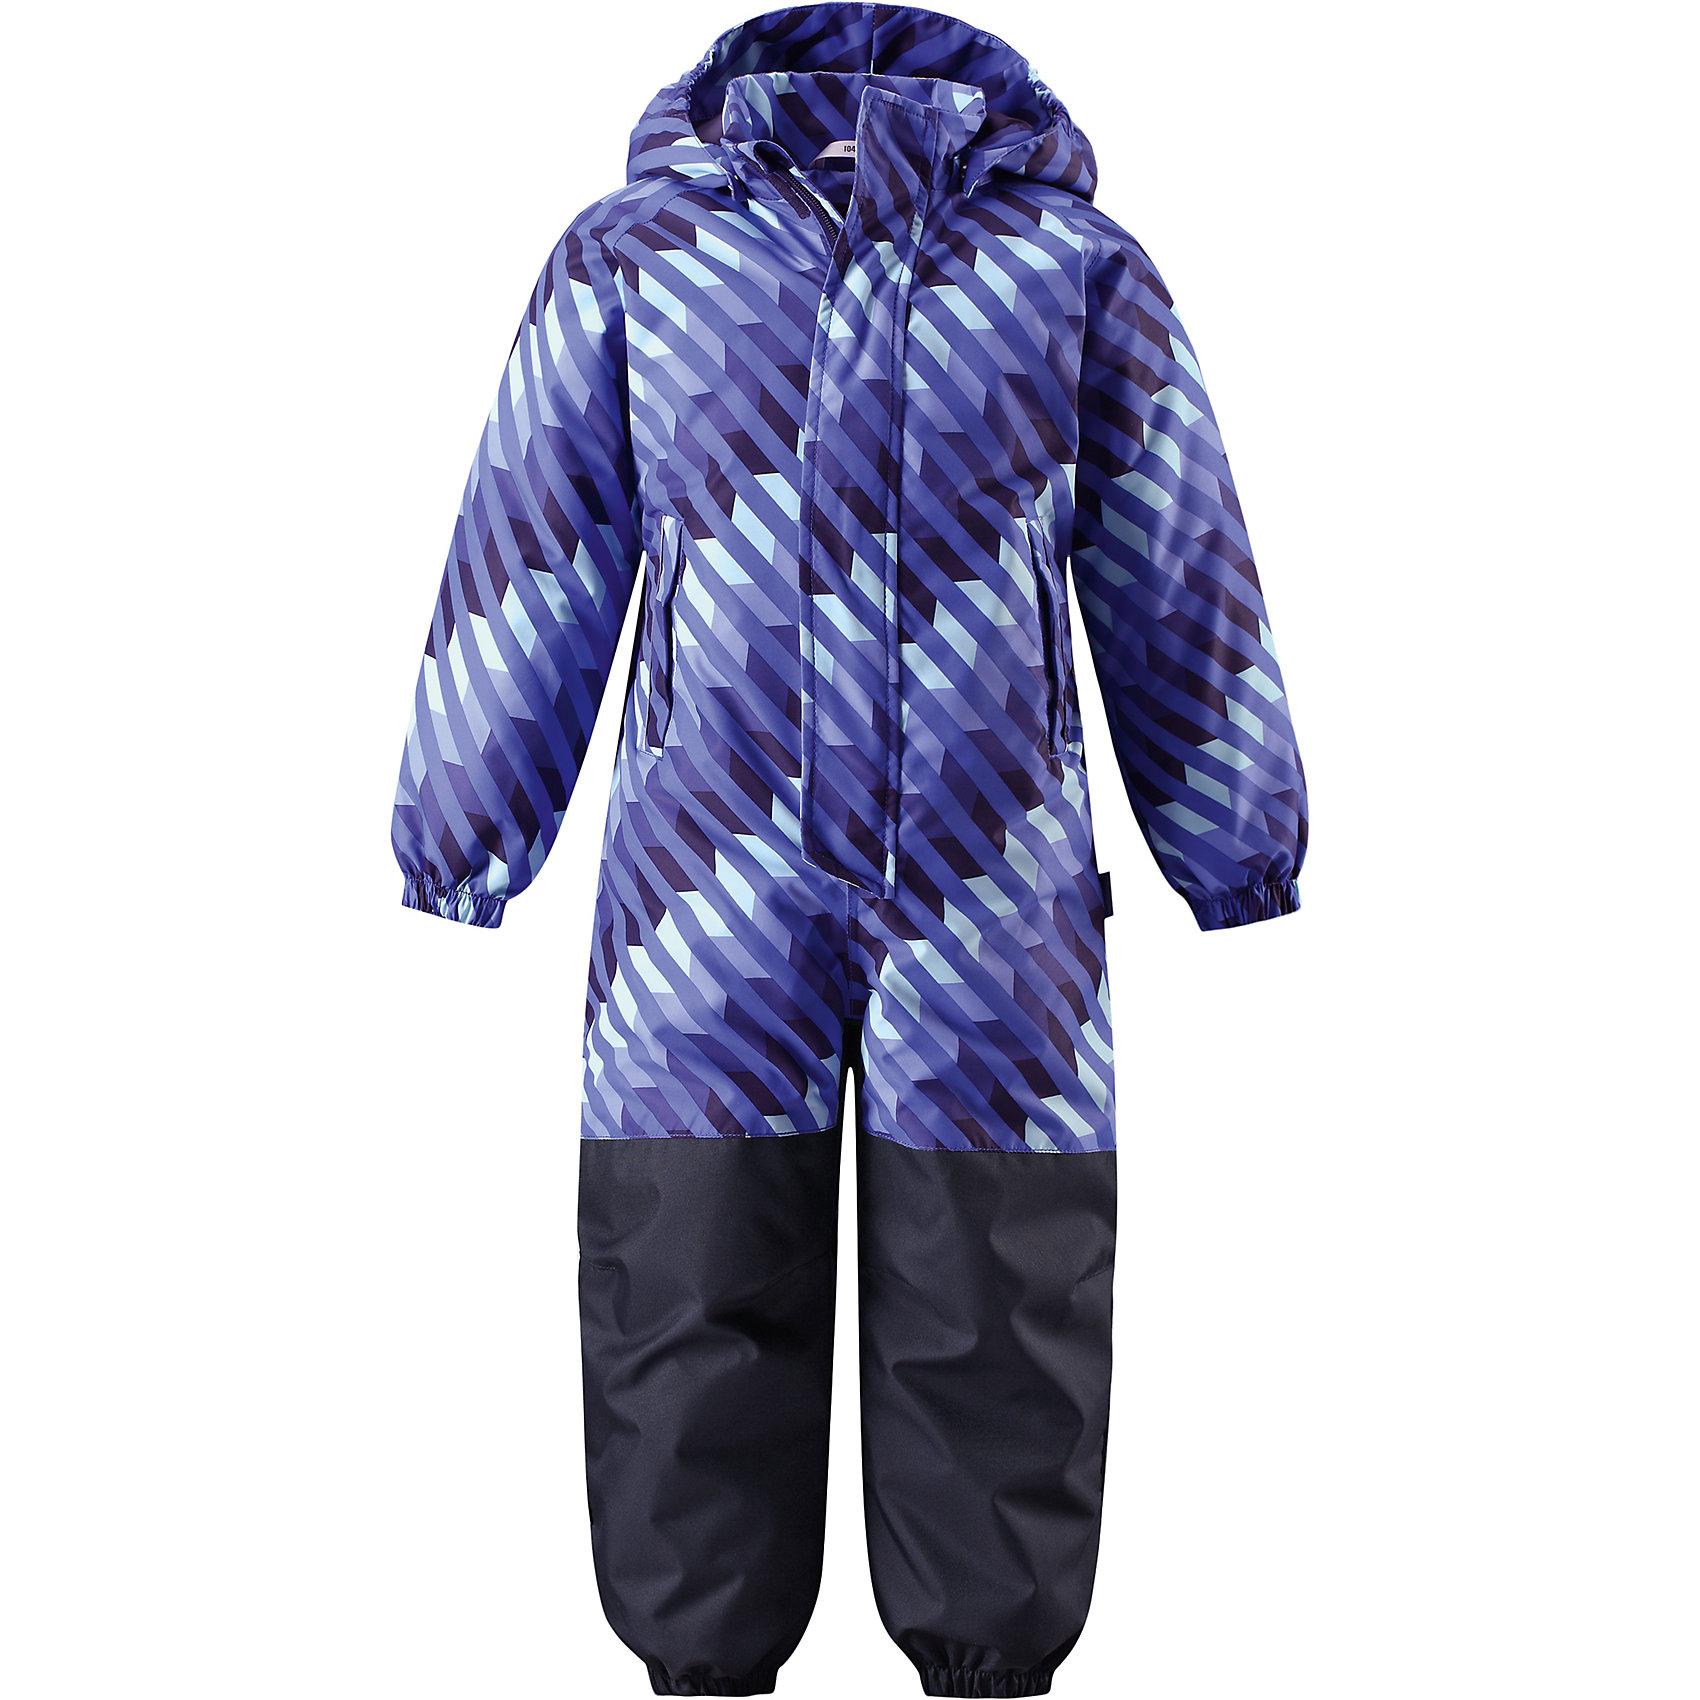 Комбинезон LASSIEОдежда<br>Характеристики товара:<br><br>• цвет: синий<br>• состав: 100% полиэстер, мембрана 100% полиуретан<br>• утеплитель: 80гр/м2<br>• температурный режим: от 0°до +10°С<br>• куртка: материал - taslan/водонепроницаемость: 1000 мм<br>сопротивление трению: 20000 циклов (тест Мартиндейла).<br>• полукомбенизон: материал - oxford/водонепроницаемость: 1000 мм<br>воздухопроводимость: 3000 г/м2/24ч, сопротивление трению: 50000 циклов (тест Мартиндейла).<br>• безопасный съёмный капюшон <br>• прочный материал<br>• водоотталкивающий, ветронепроницаемый, дышащий материал (Taslan)<br>• гладкая подкладка из полиэстера<br>• проклеенный задний средний шов<br>• эластичные манжеты на рукавах и брючинах.<br>• эластичная талия.<br>• съемные штрипки.<br>• нагрудный карман на молнии.<br>• модель с подтяжками.<br>• светоотражающие элементы для безопасности ребенка в темное время суток.<br>• разрешена сушка в сушильном шкафу.<br>• коллекция: весна-лето 2017<br>• страна бренда: Финляндия<br>• страна производства: Китай<br><br>Демисезонный комбинезон поможет обеспечить ребенку комфорт и тепло. Комбинезон удобно сидит и модно выглядит. Материал - водоотталкивающий, ветронепроницаемый и «дышащий». Продуманный крой разрабатывался специально для детей.<br><br>Комбинезон от финского бренда LASSIE by Reima можно купить в нашем интернет-магазине.<br><br>Ширина мм: 356<br>Глубина мм: 10<br>Высота мм: 245<br>Вес г: 519<br>Цвет: синий<br>Возраст от месяцев: 18<br>Возраст до месяцев: 24<br>Пол: Унисекс<br>Возраст: Детский<br>Размер: 110,80,116,128,122,92,86,98,104<br>SKU: 5264940